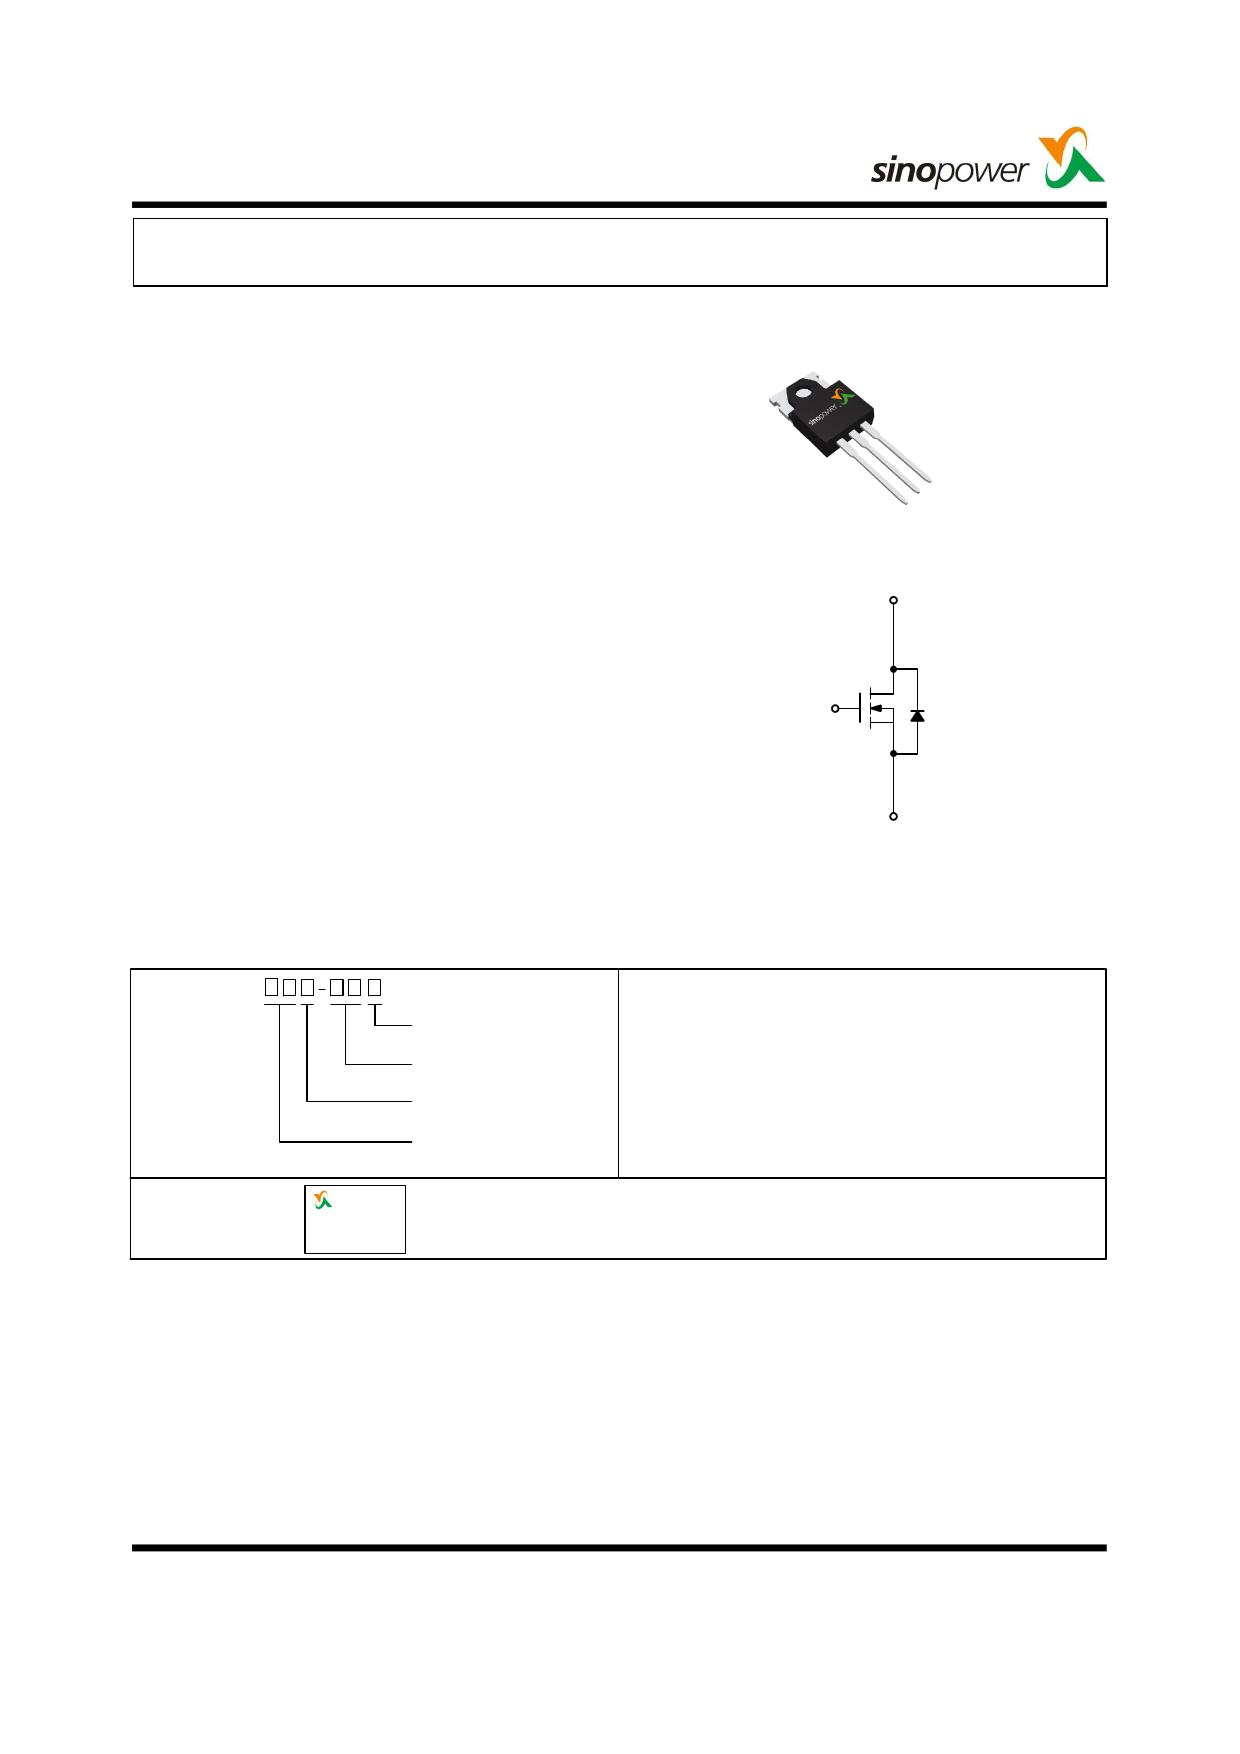 SM7501NSFH datasheet pinout pdf